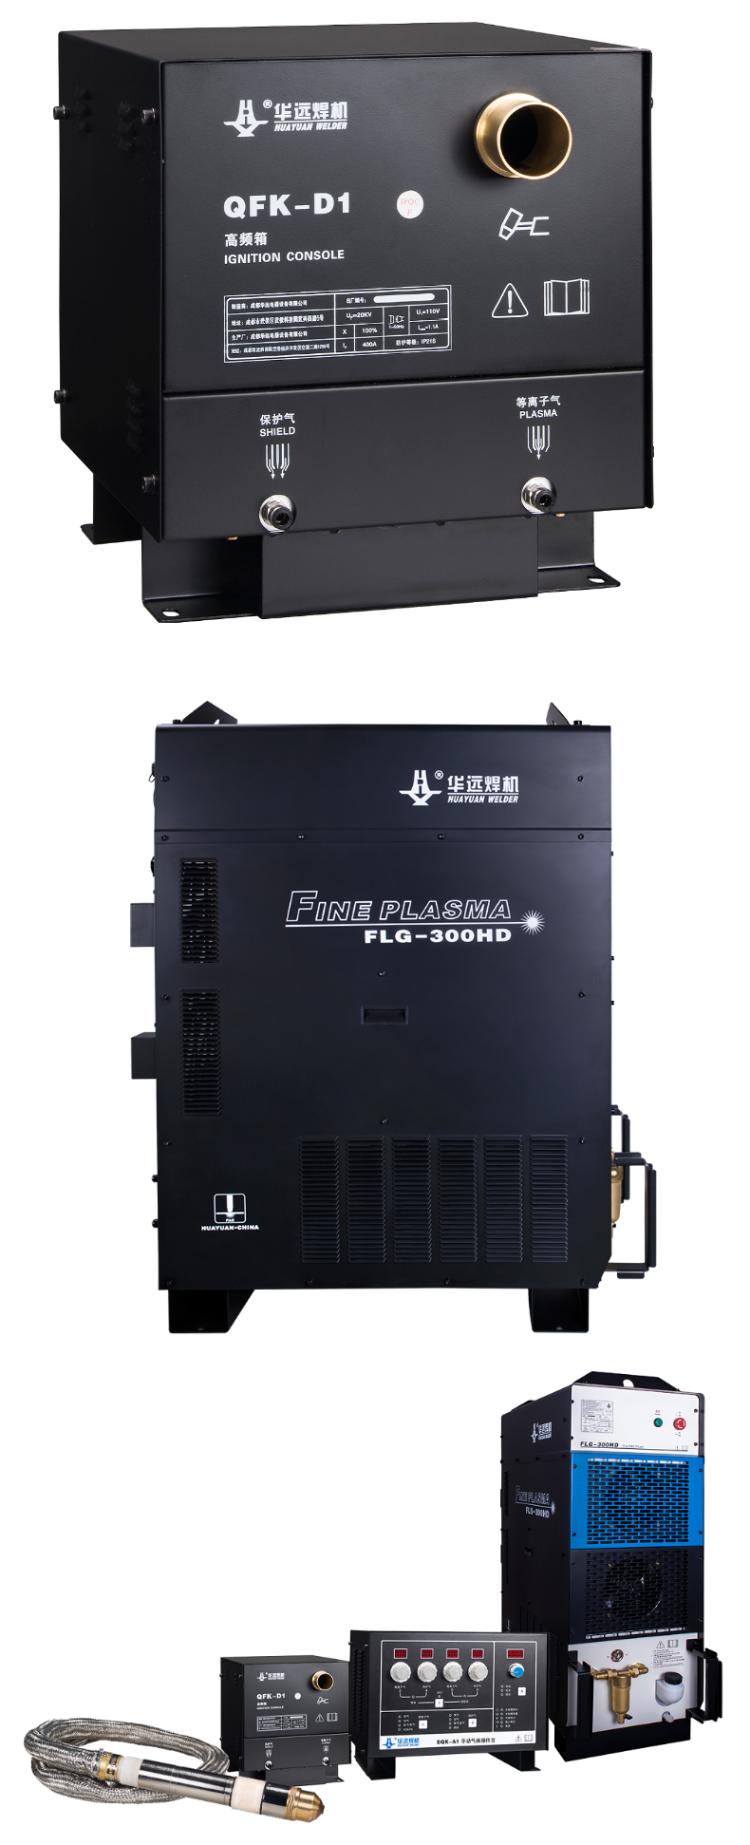 成都华远逆变式精细等离子切割机FLG-200 300HD (9)